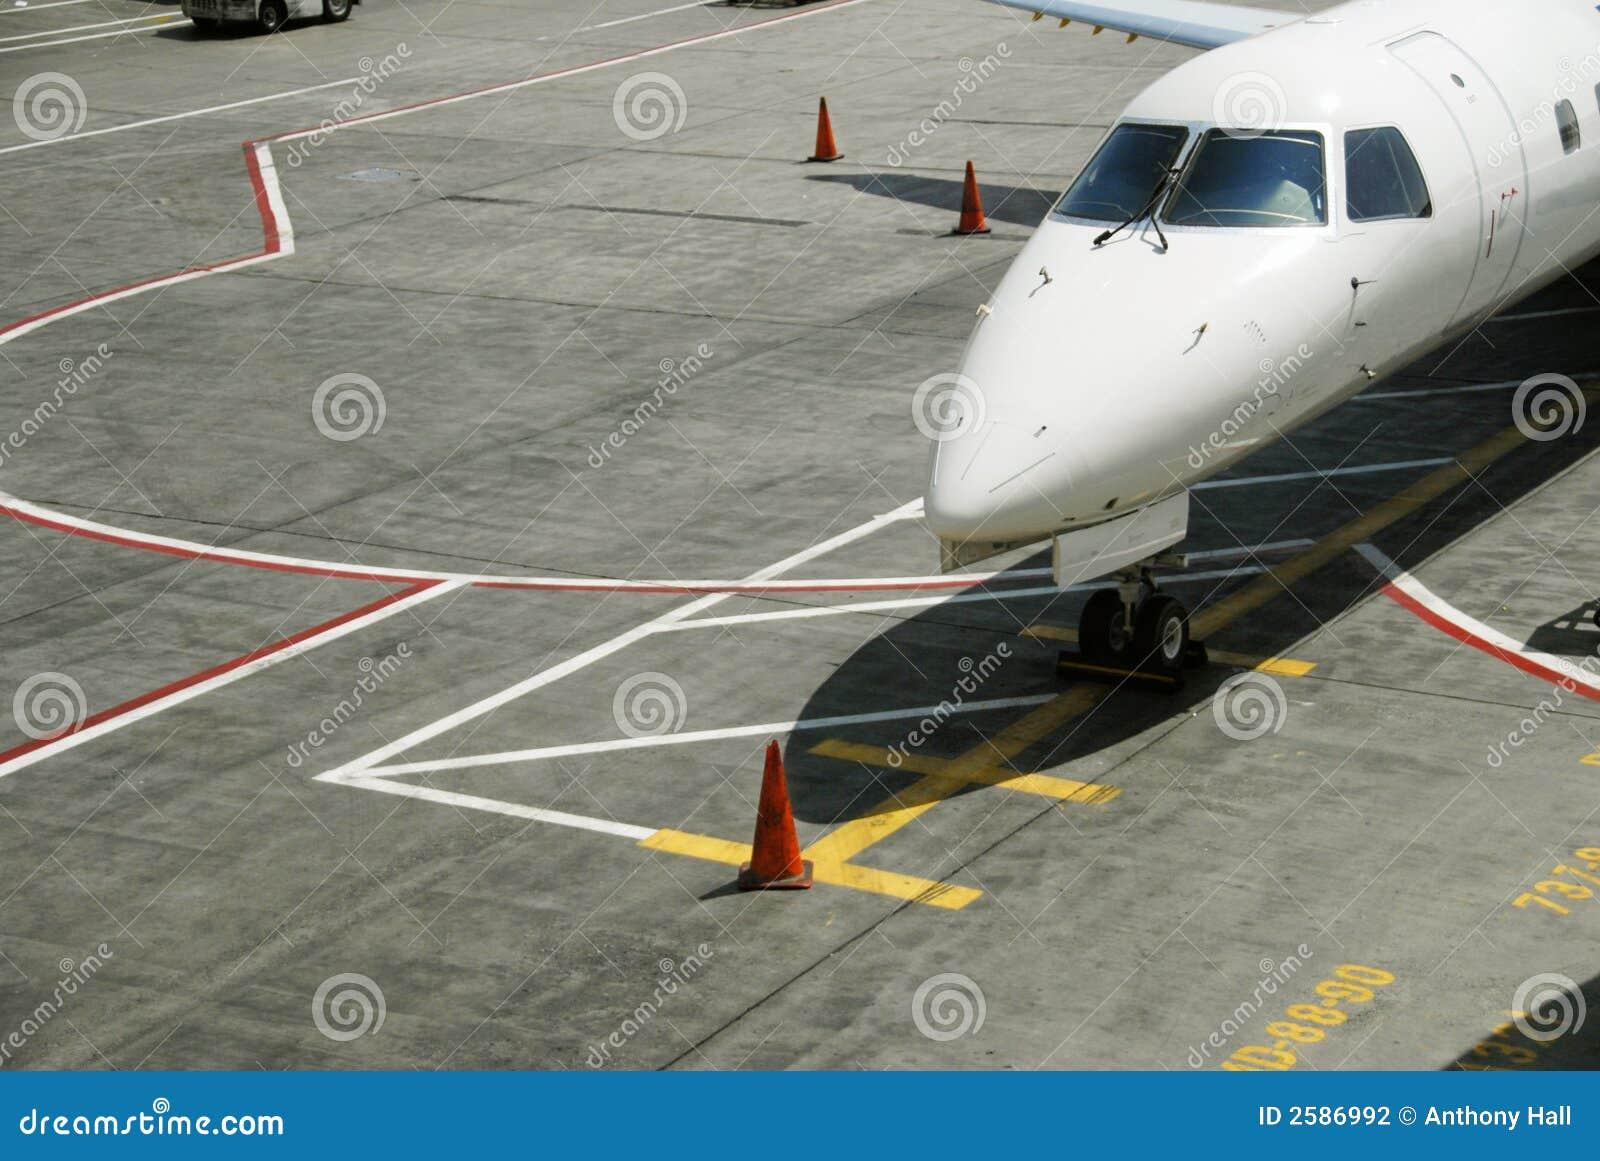 Avion à réaction de banlieusard sur la piste de roulement